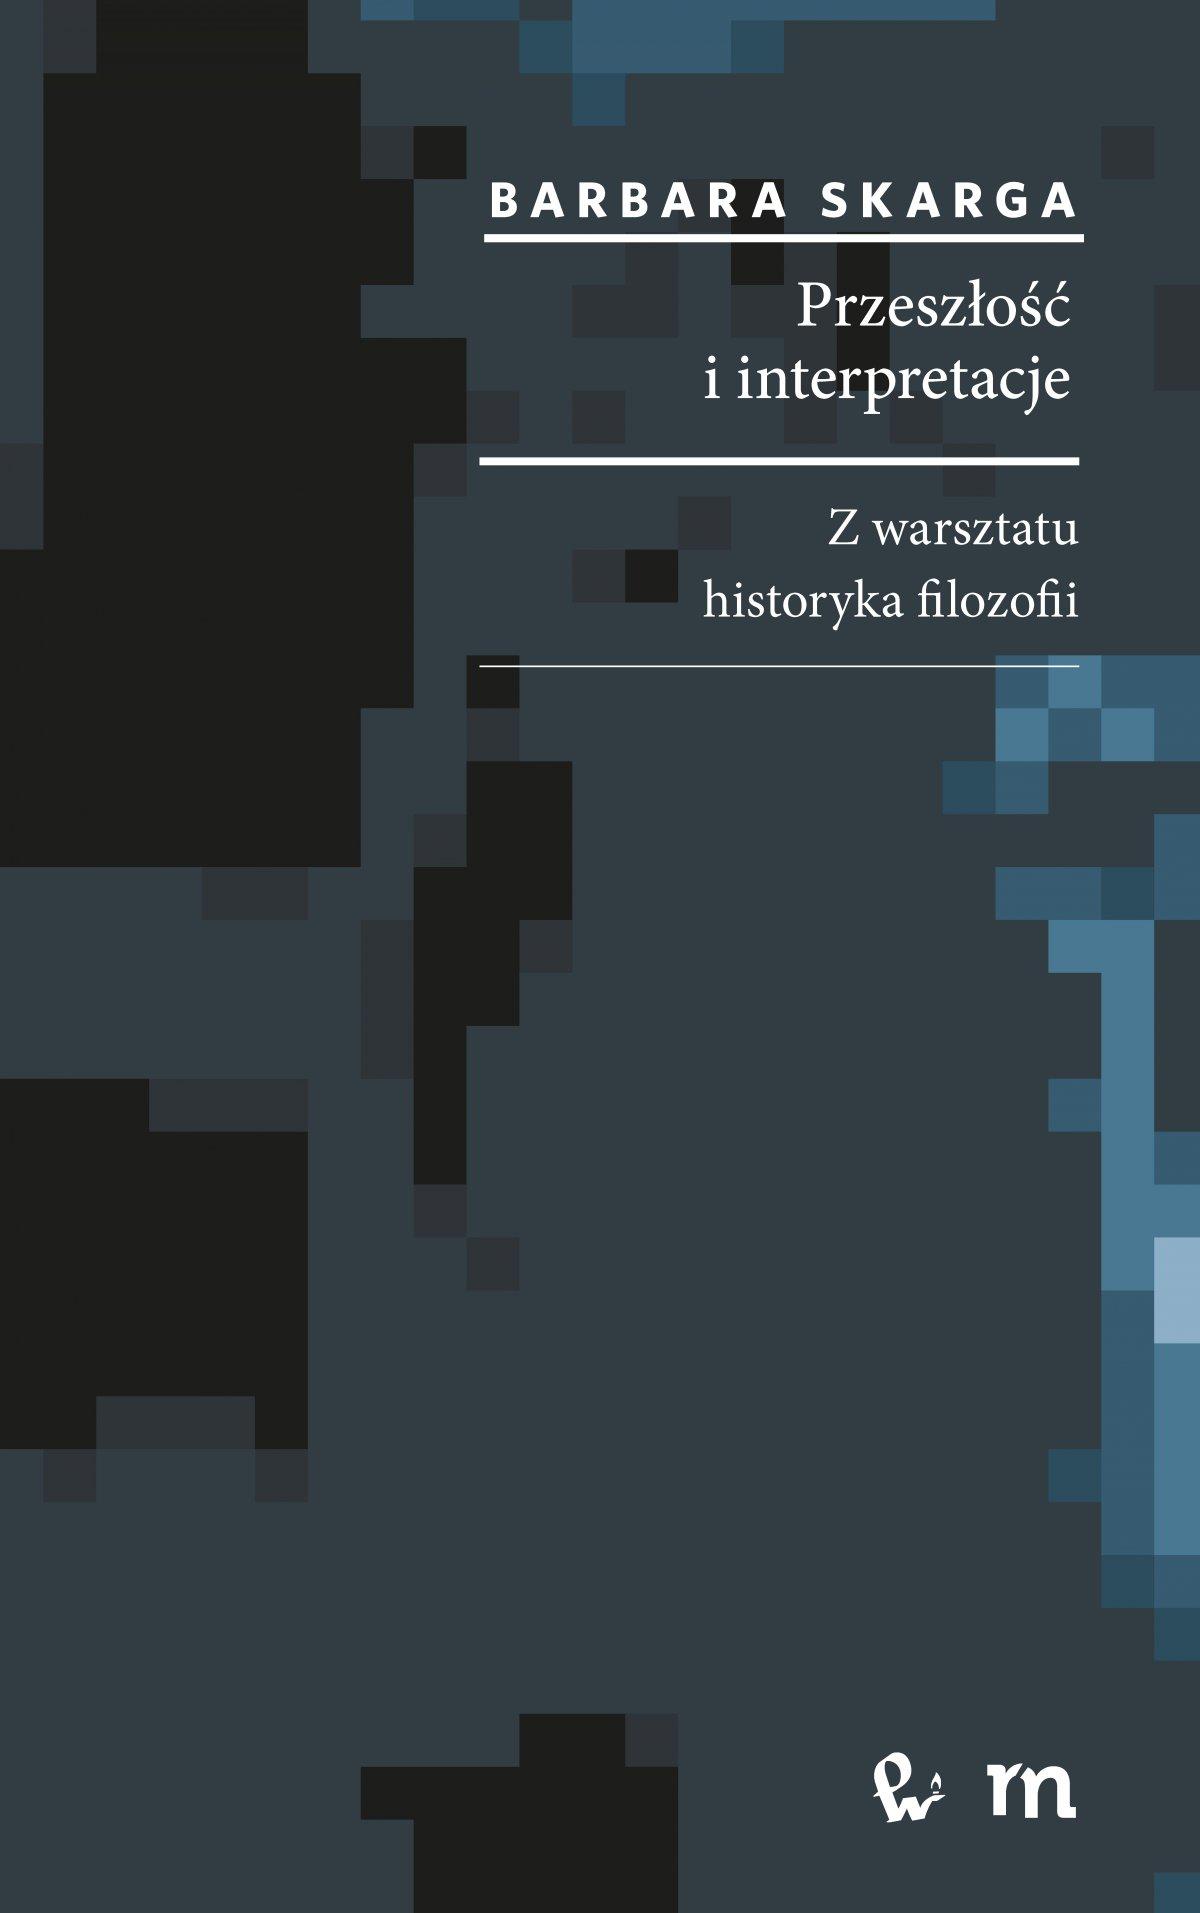 Przeszłość i interpretacje - Ebook (Książka EPUB) do pobrania w formacie EPUB